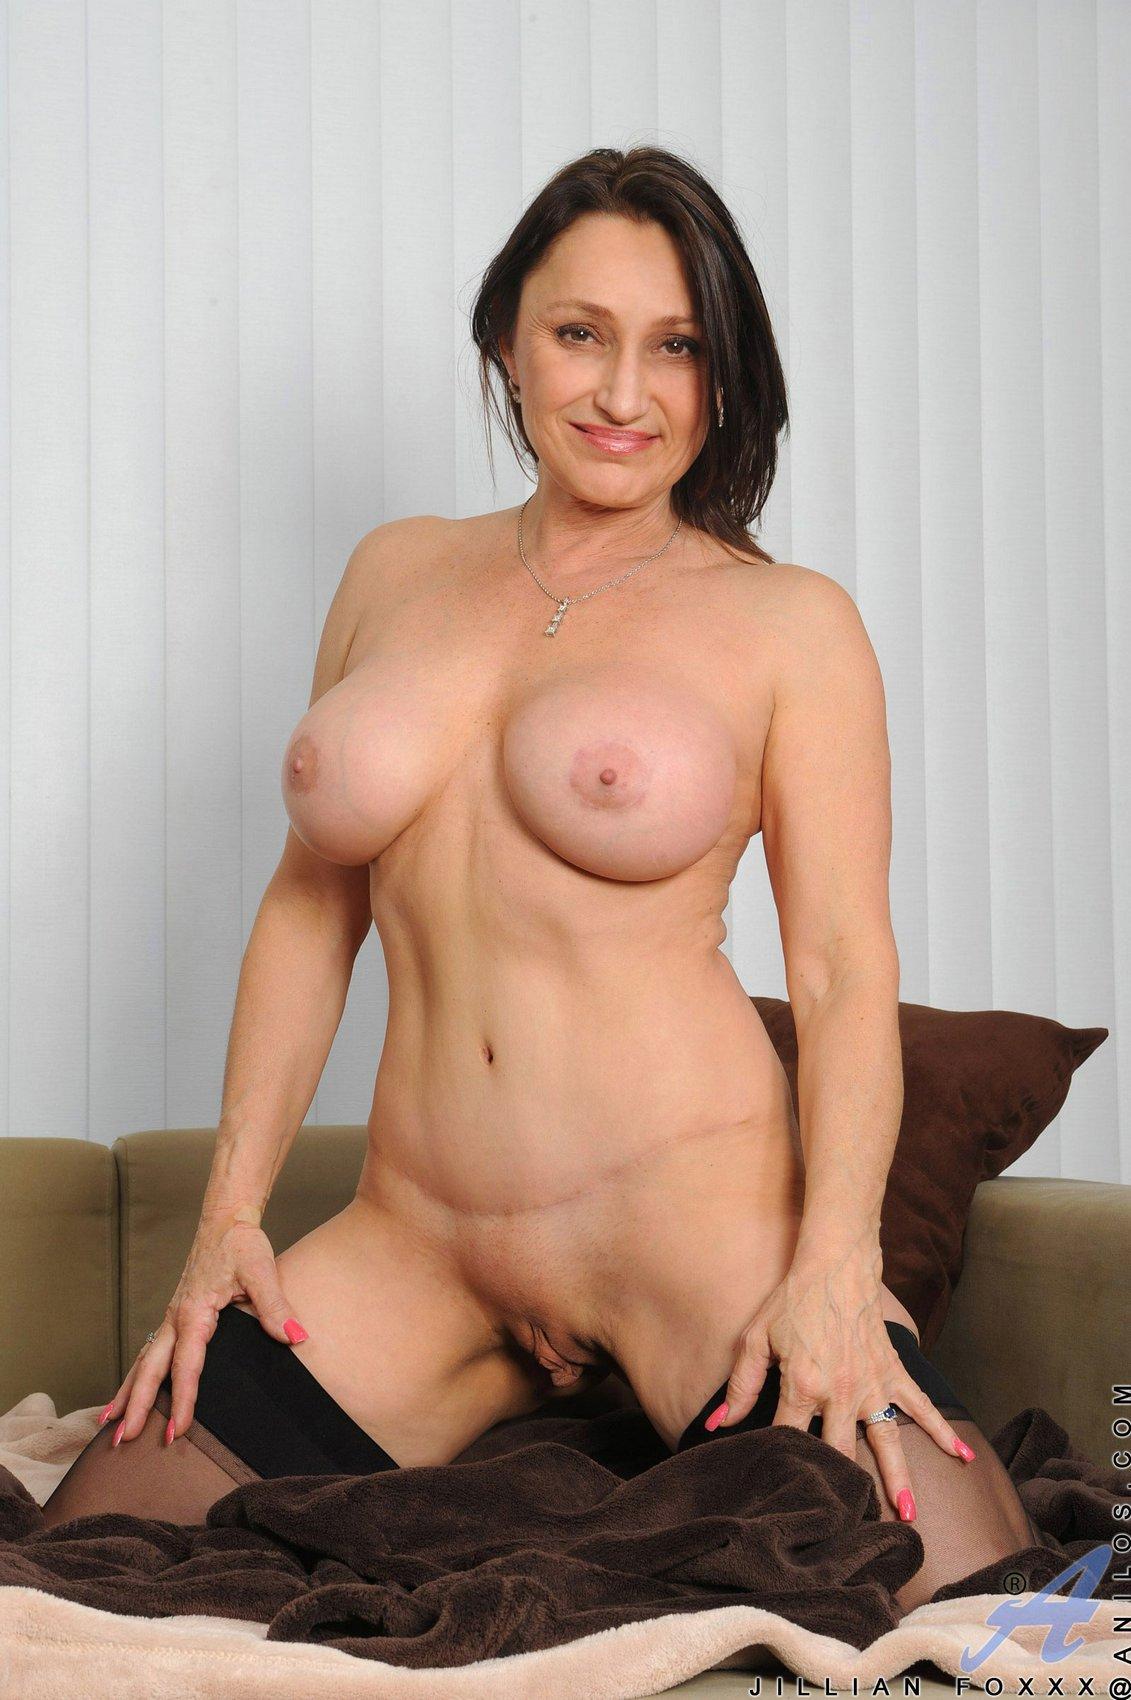 Pussy ass girl